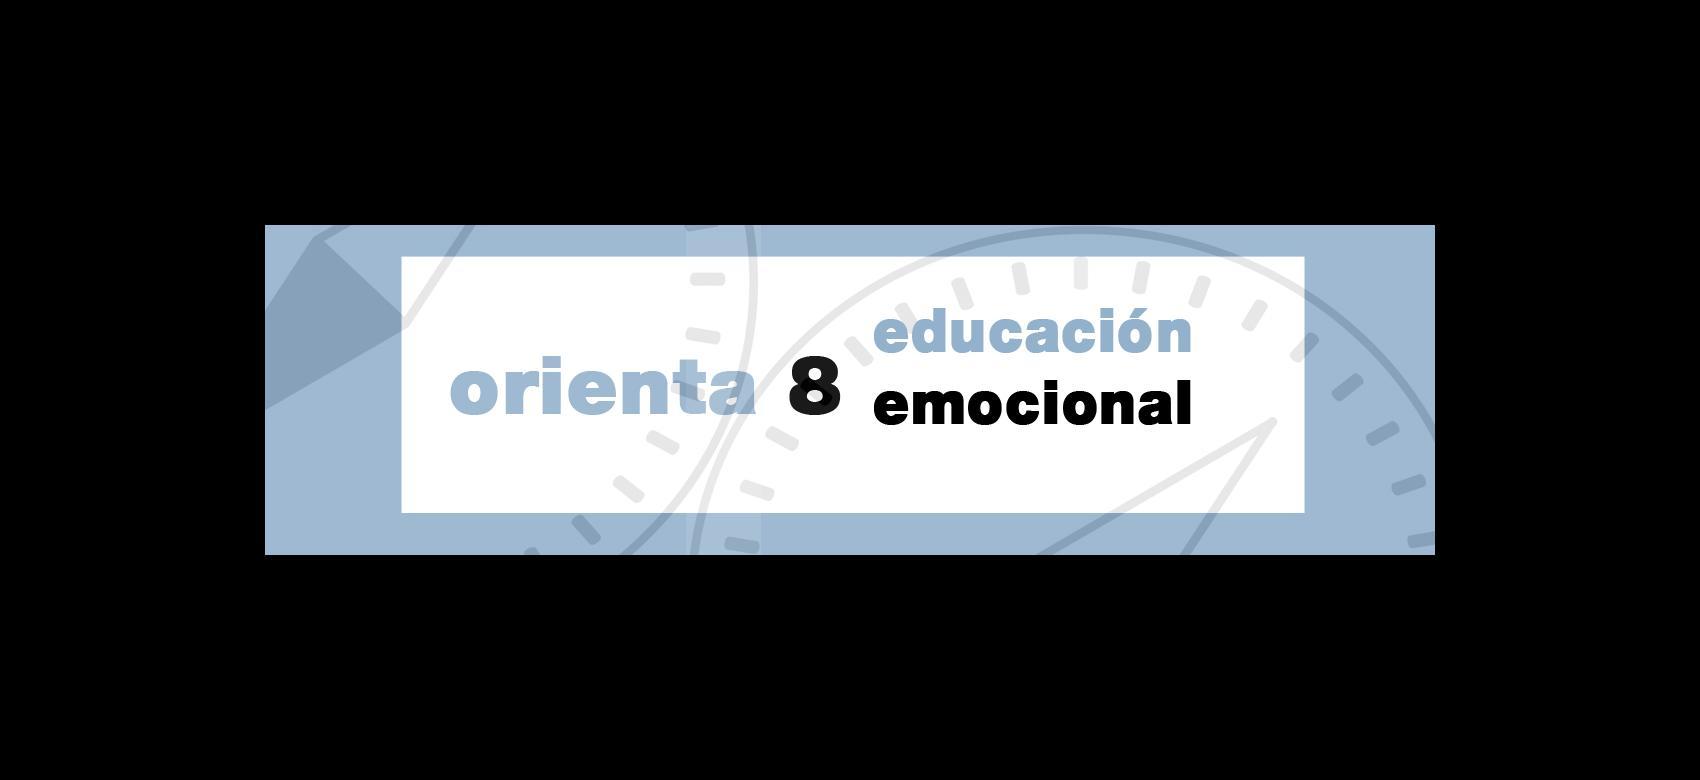 Orienta 8 educación emocional